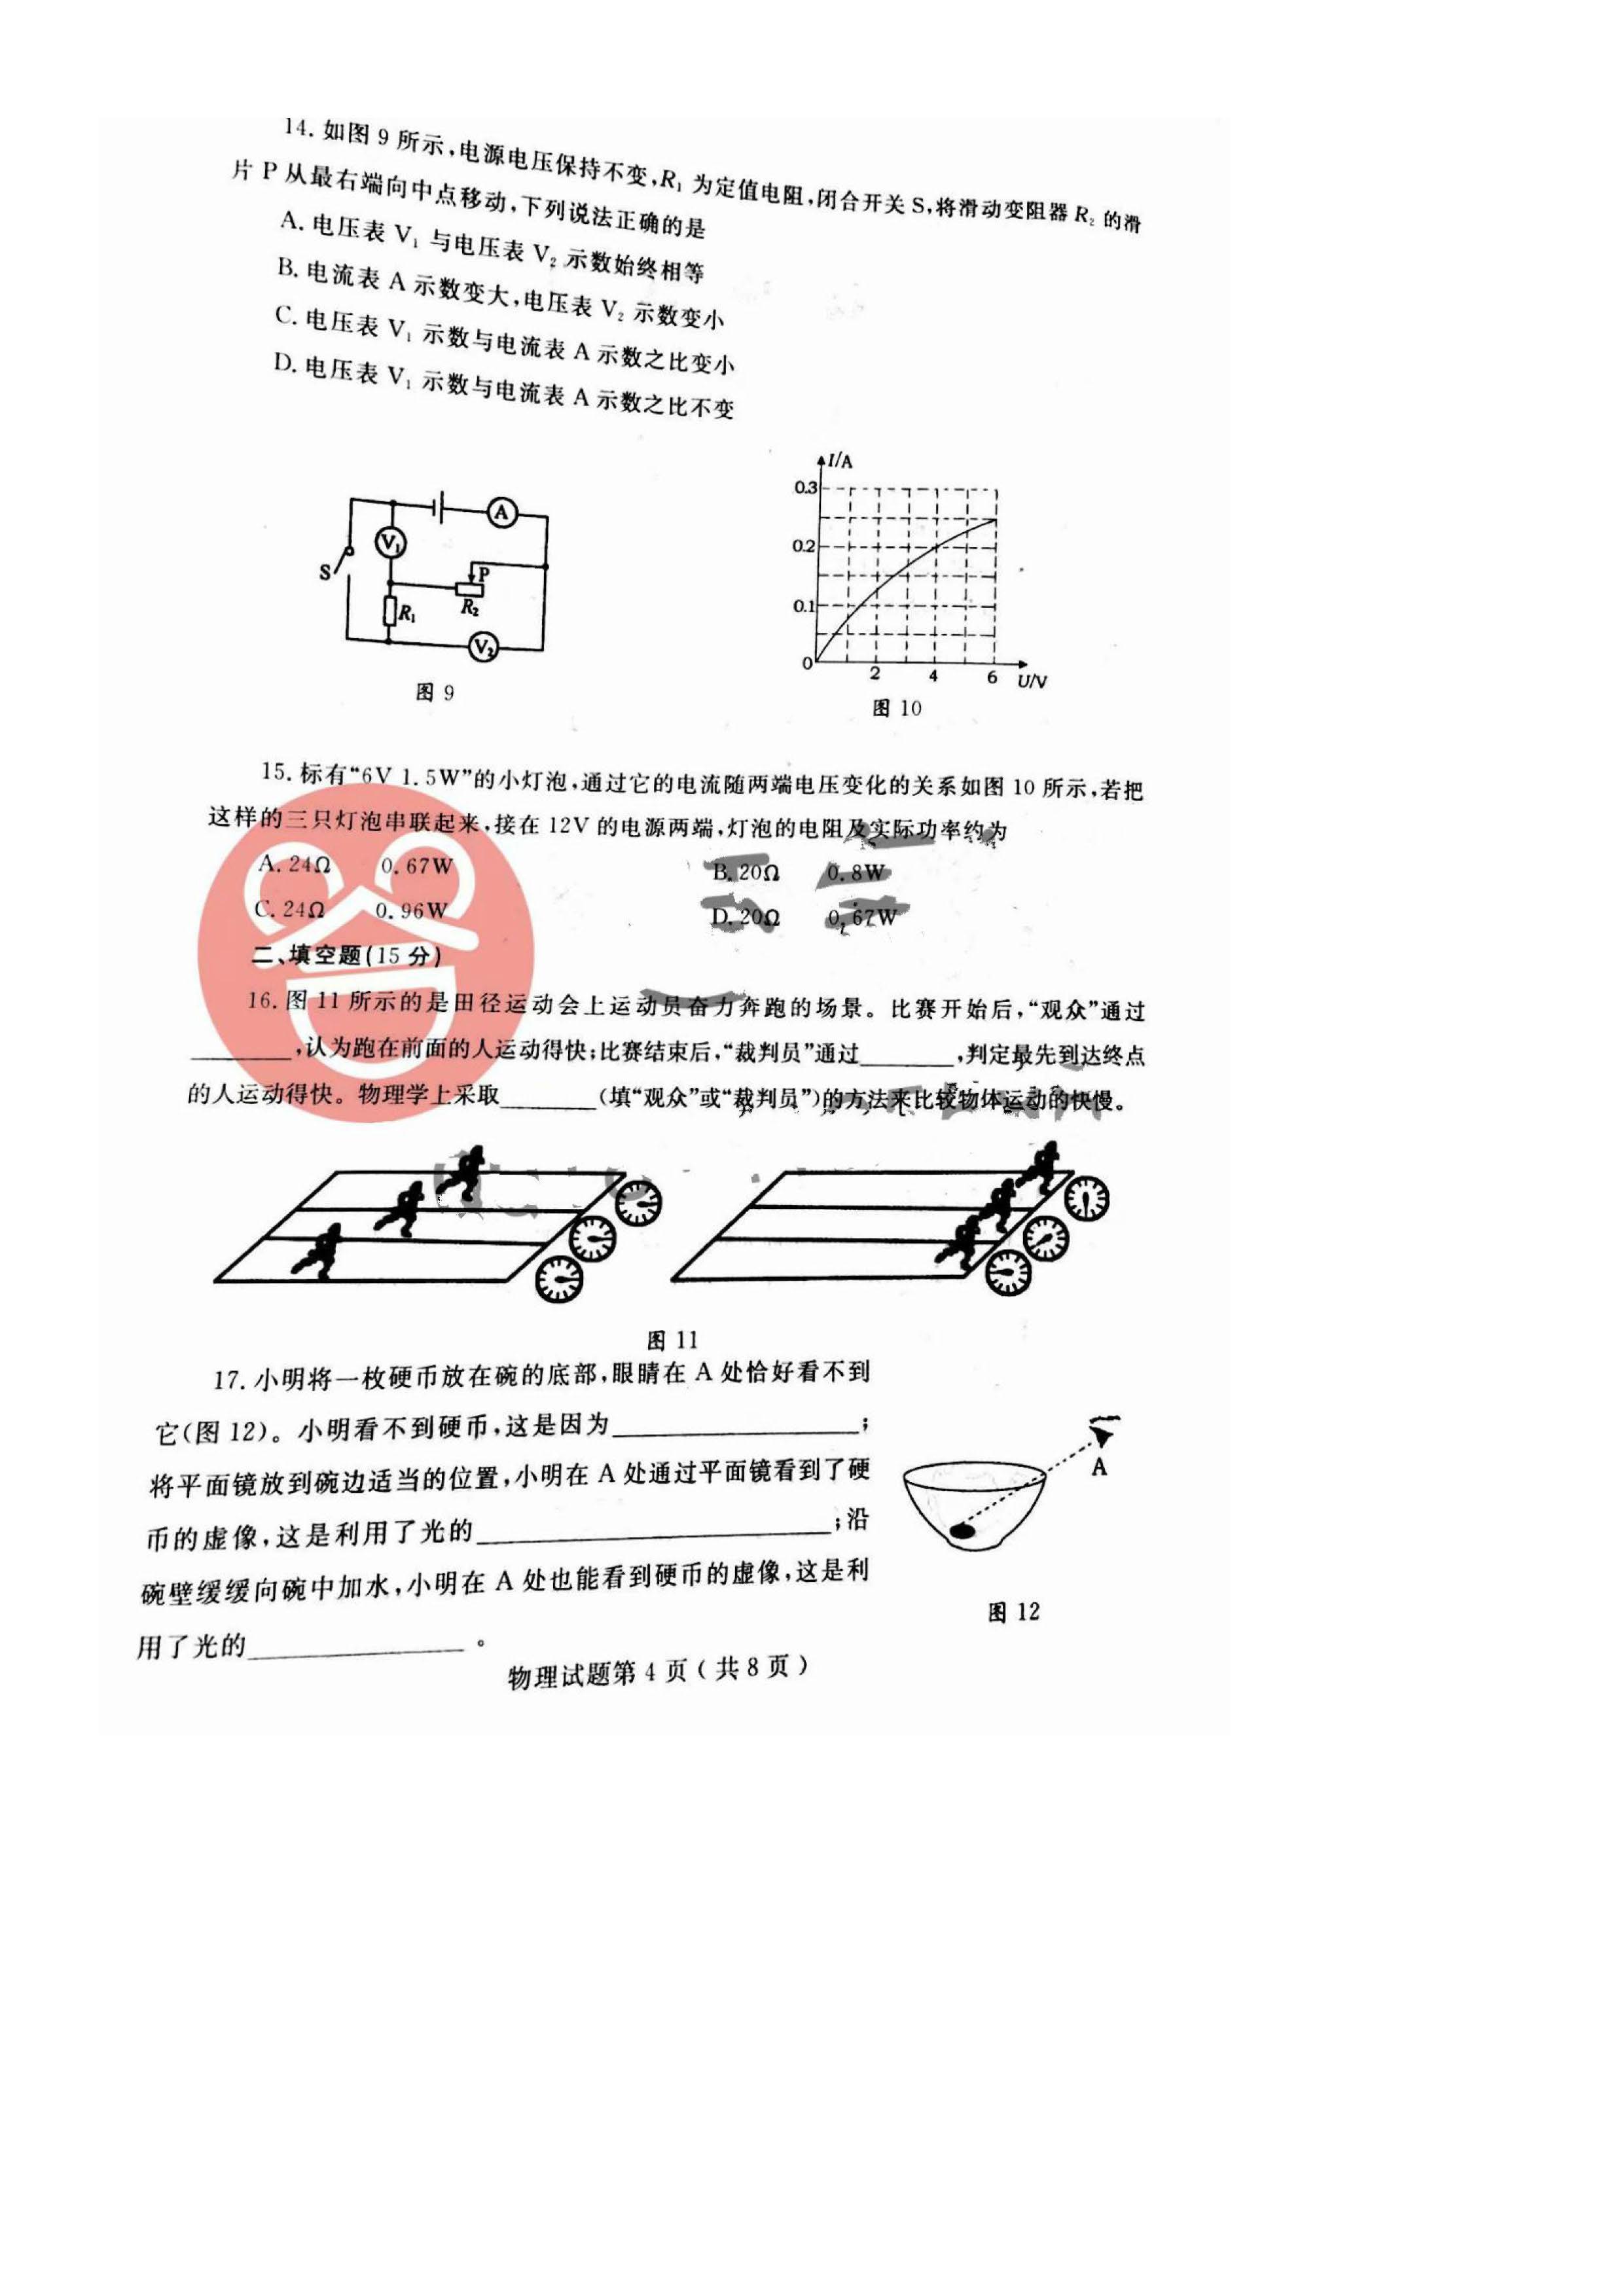 2019年山东烟台中考《物理》真题及答案已公布